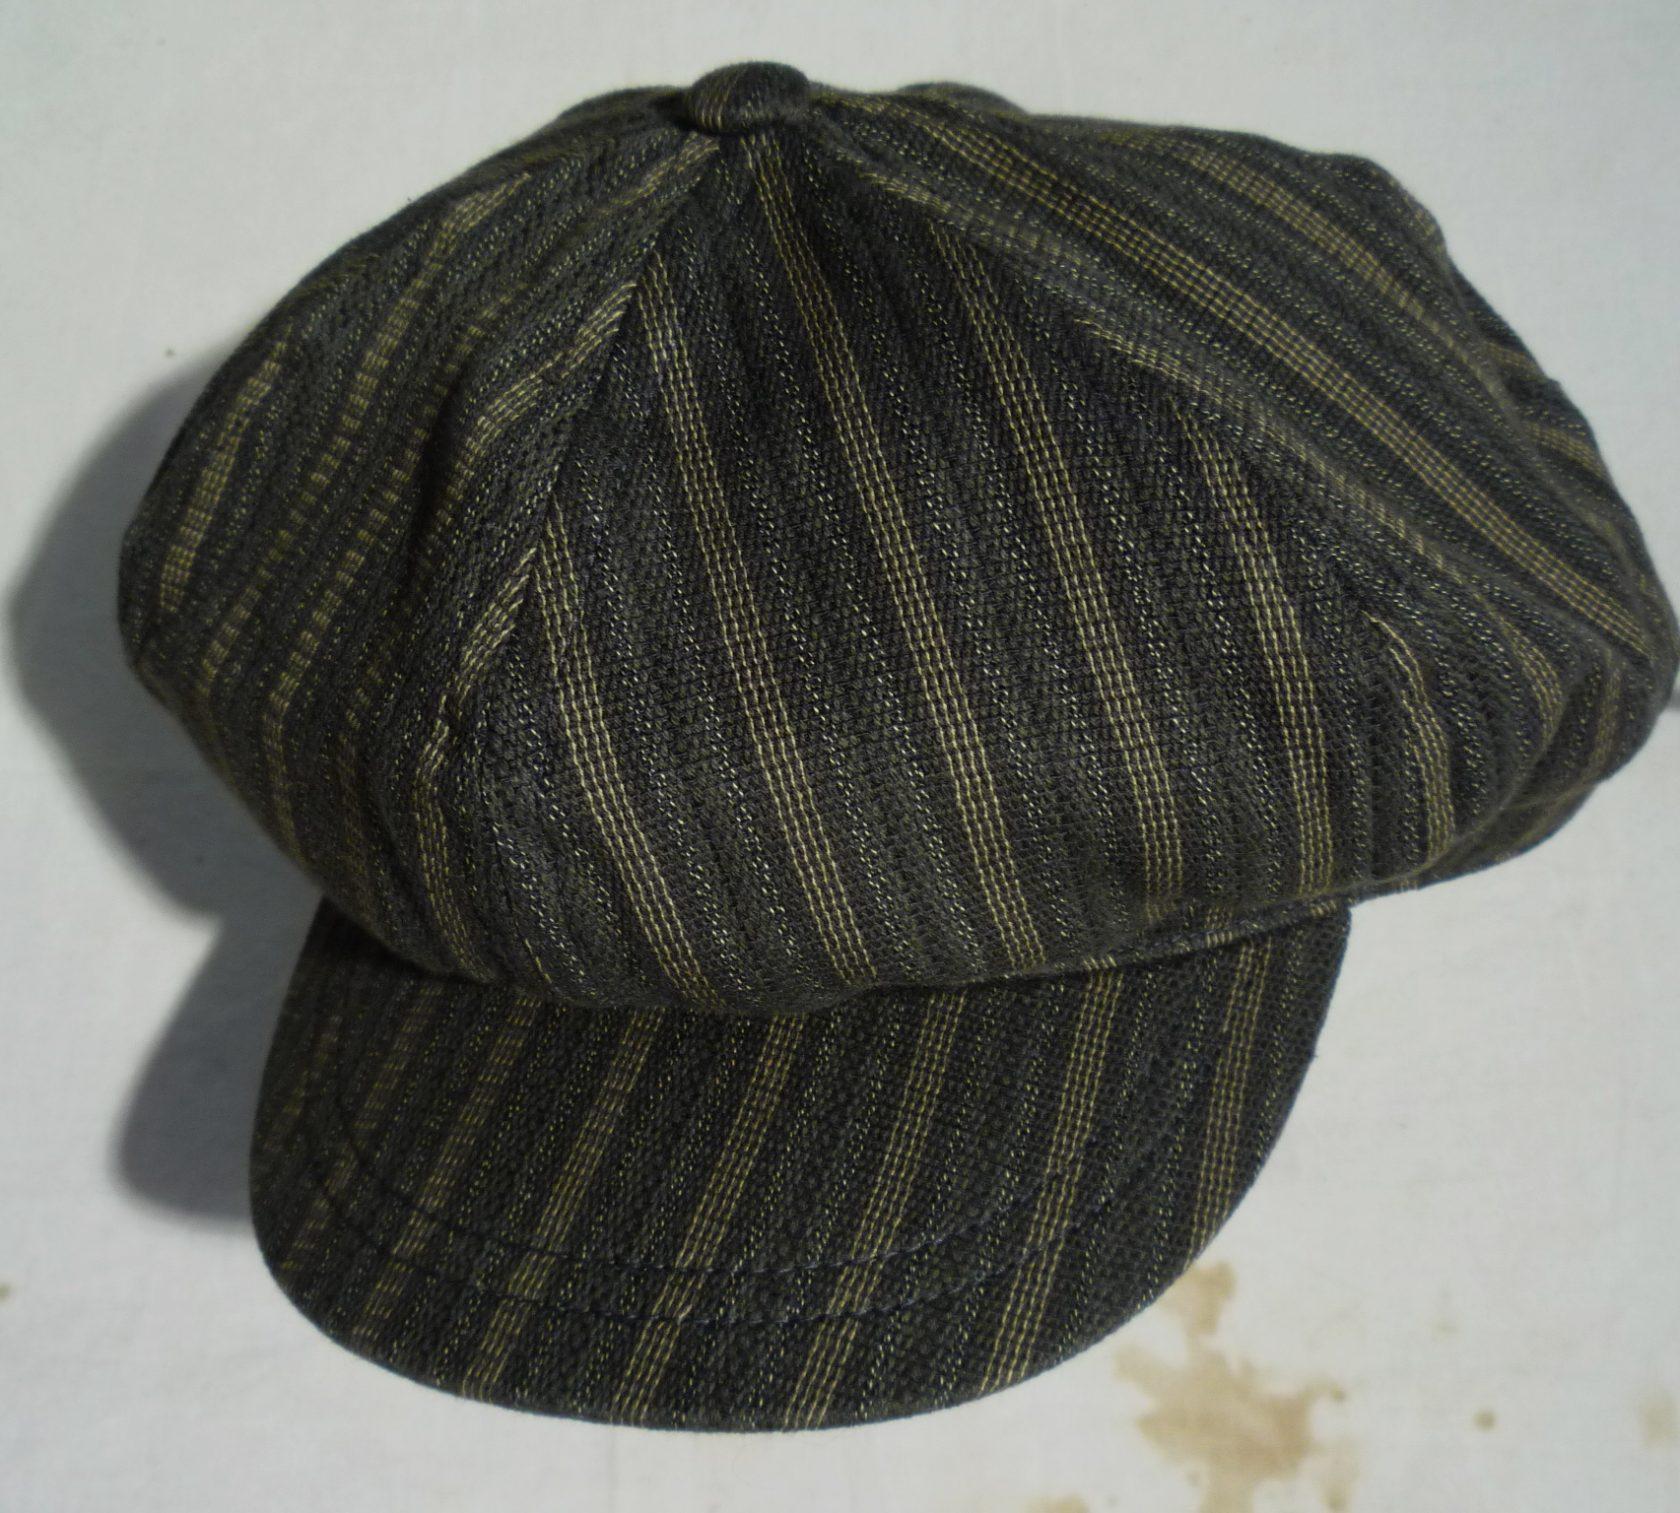 Stevenson Overall spitfire hat